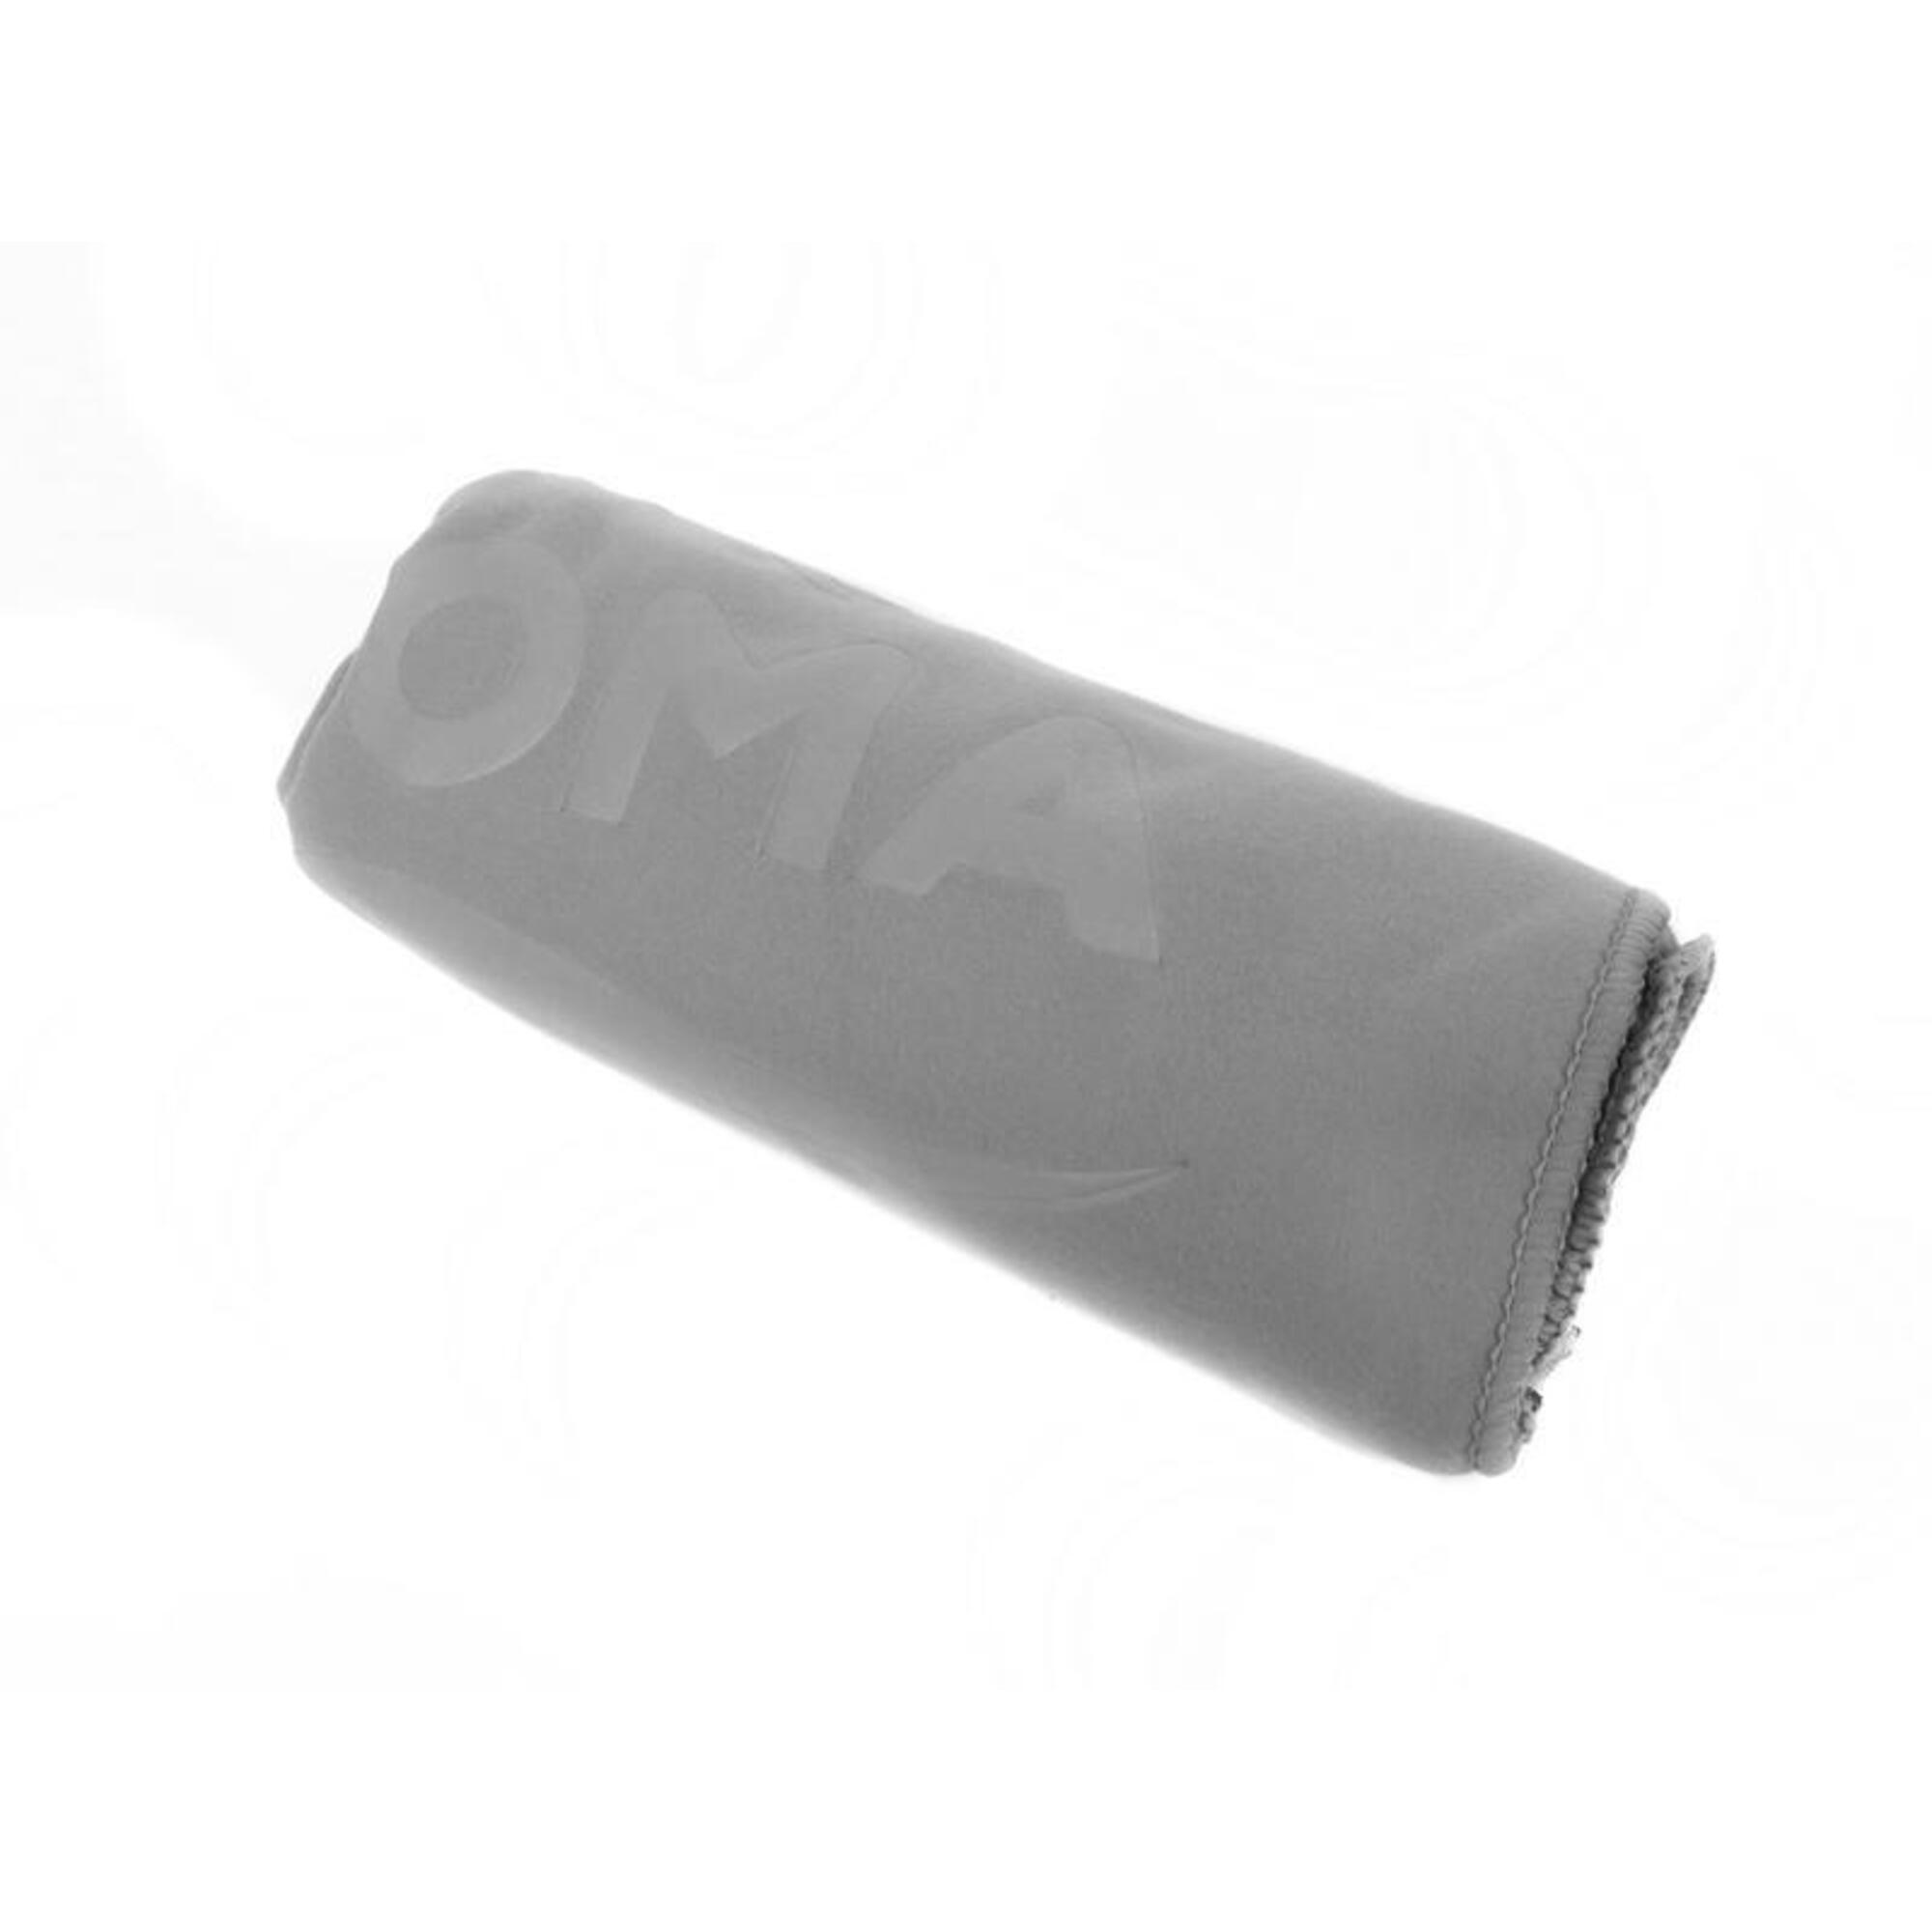 微纖吸水毛巾, 灰色